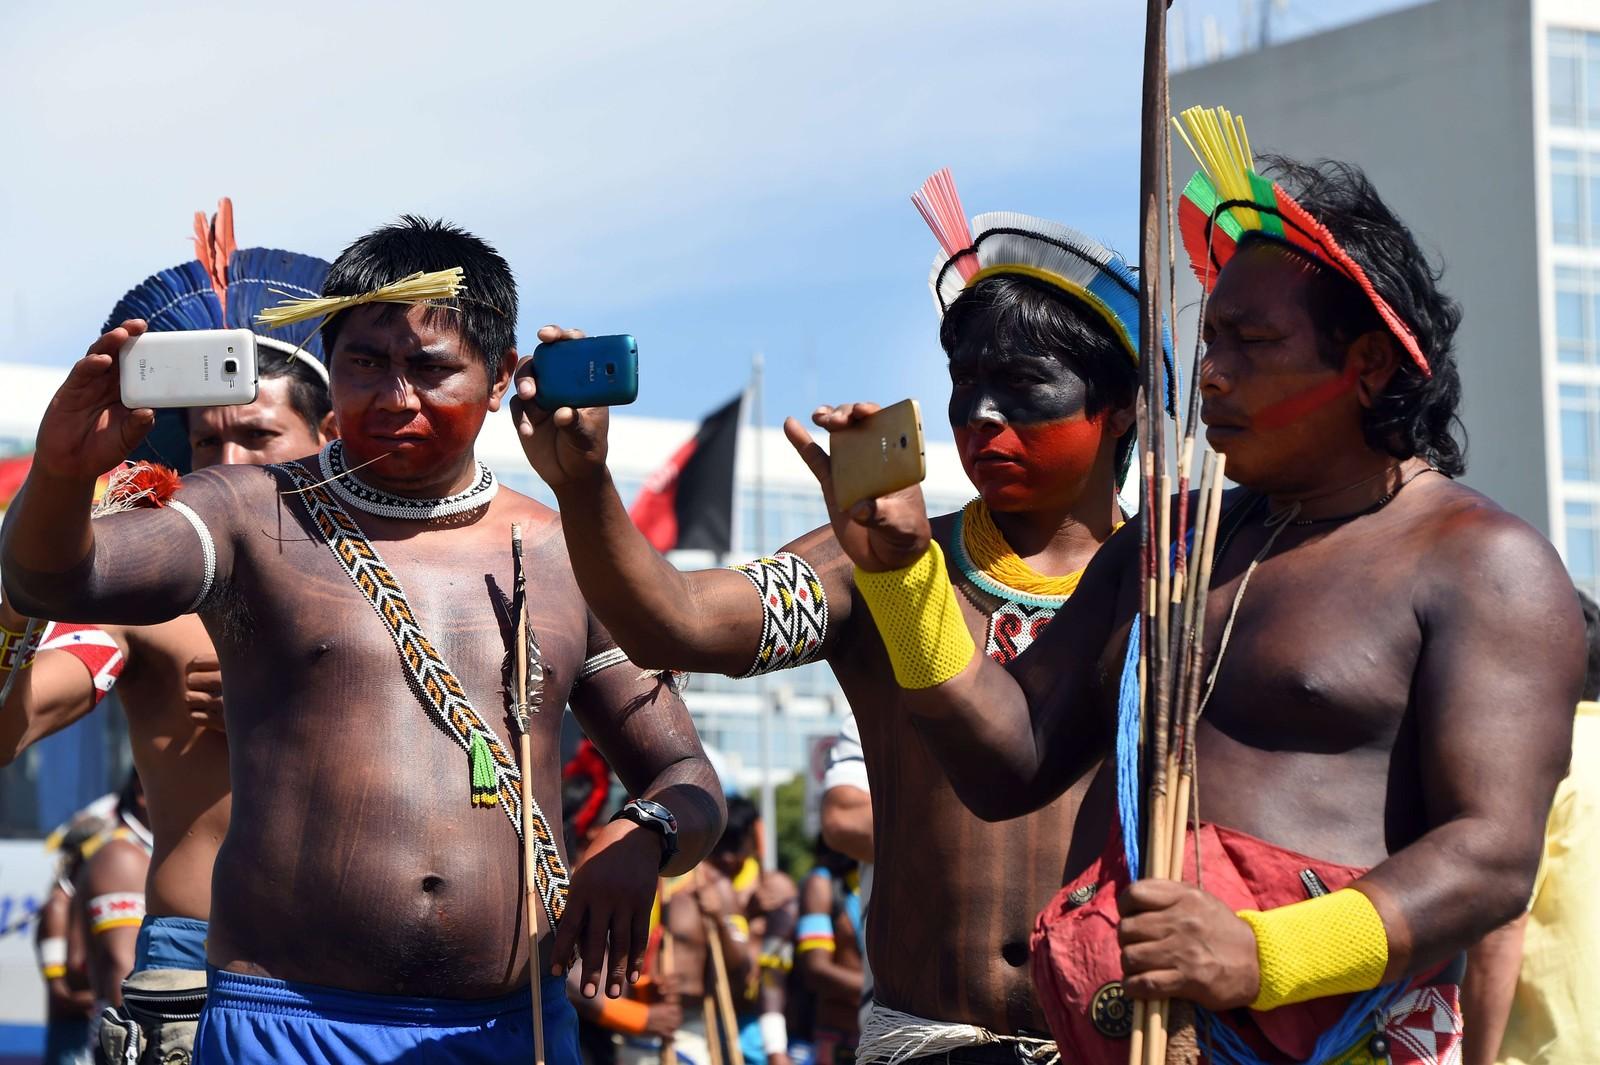 Medlemmer av Kayapo- og Pataxo-stammene tar selfies under en demonstrasjon foran den brasilianske kongressen, mens de folkevalgte diskuterer stammenes landområder.